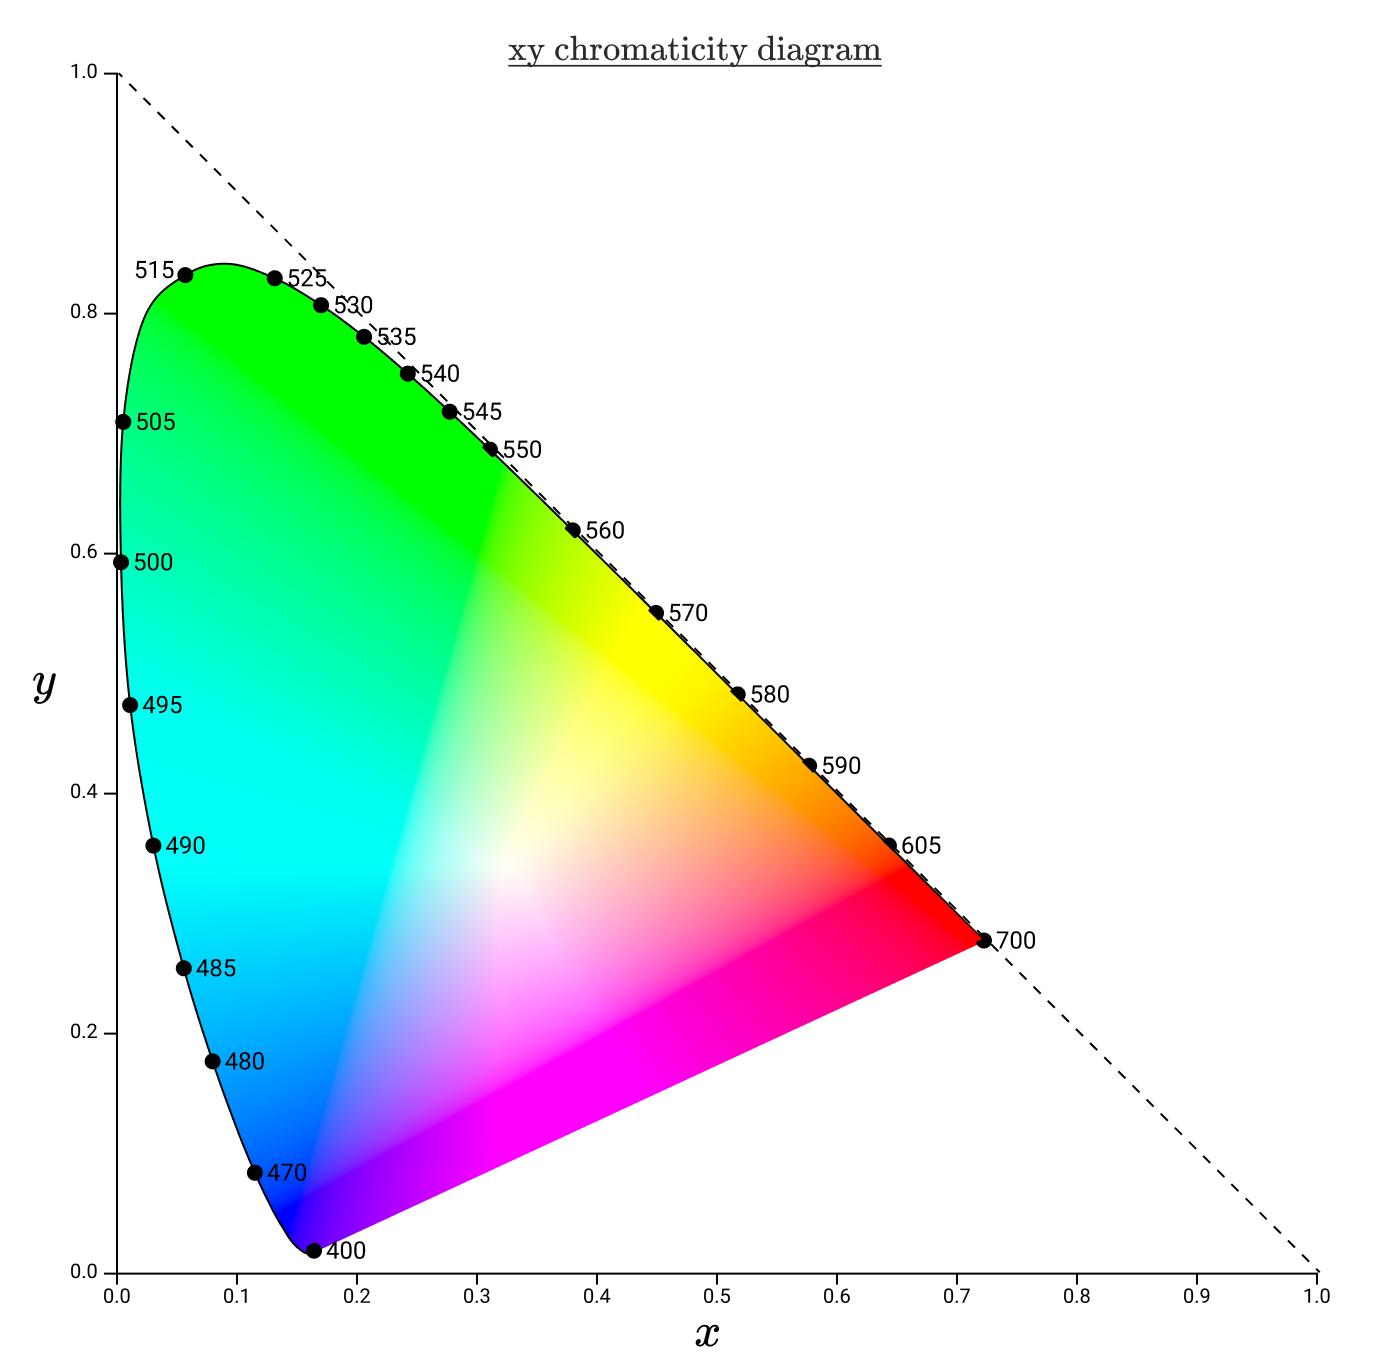 Цвет: от шестнадцатеричных кодов до глаза - 83